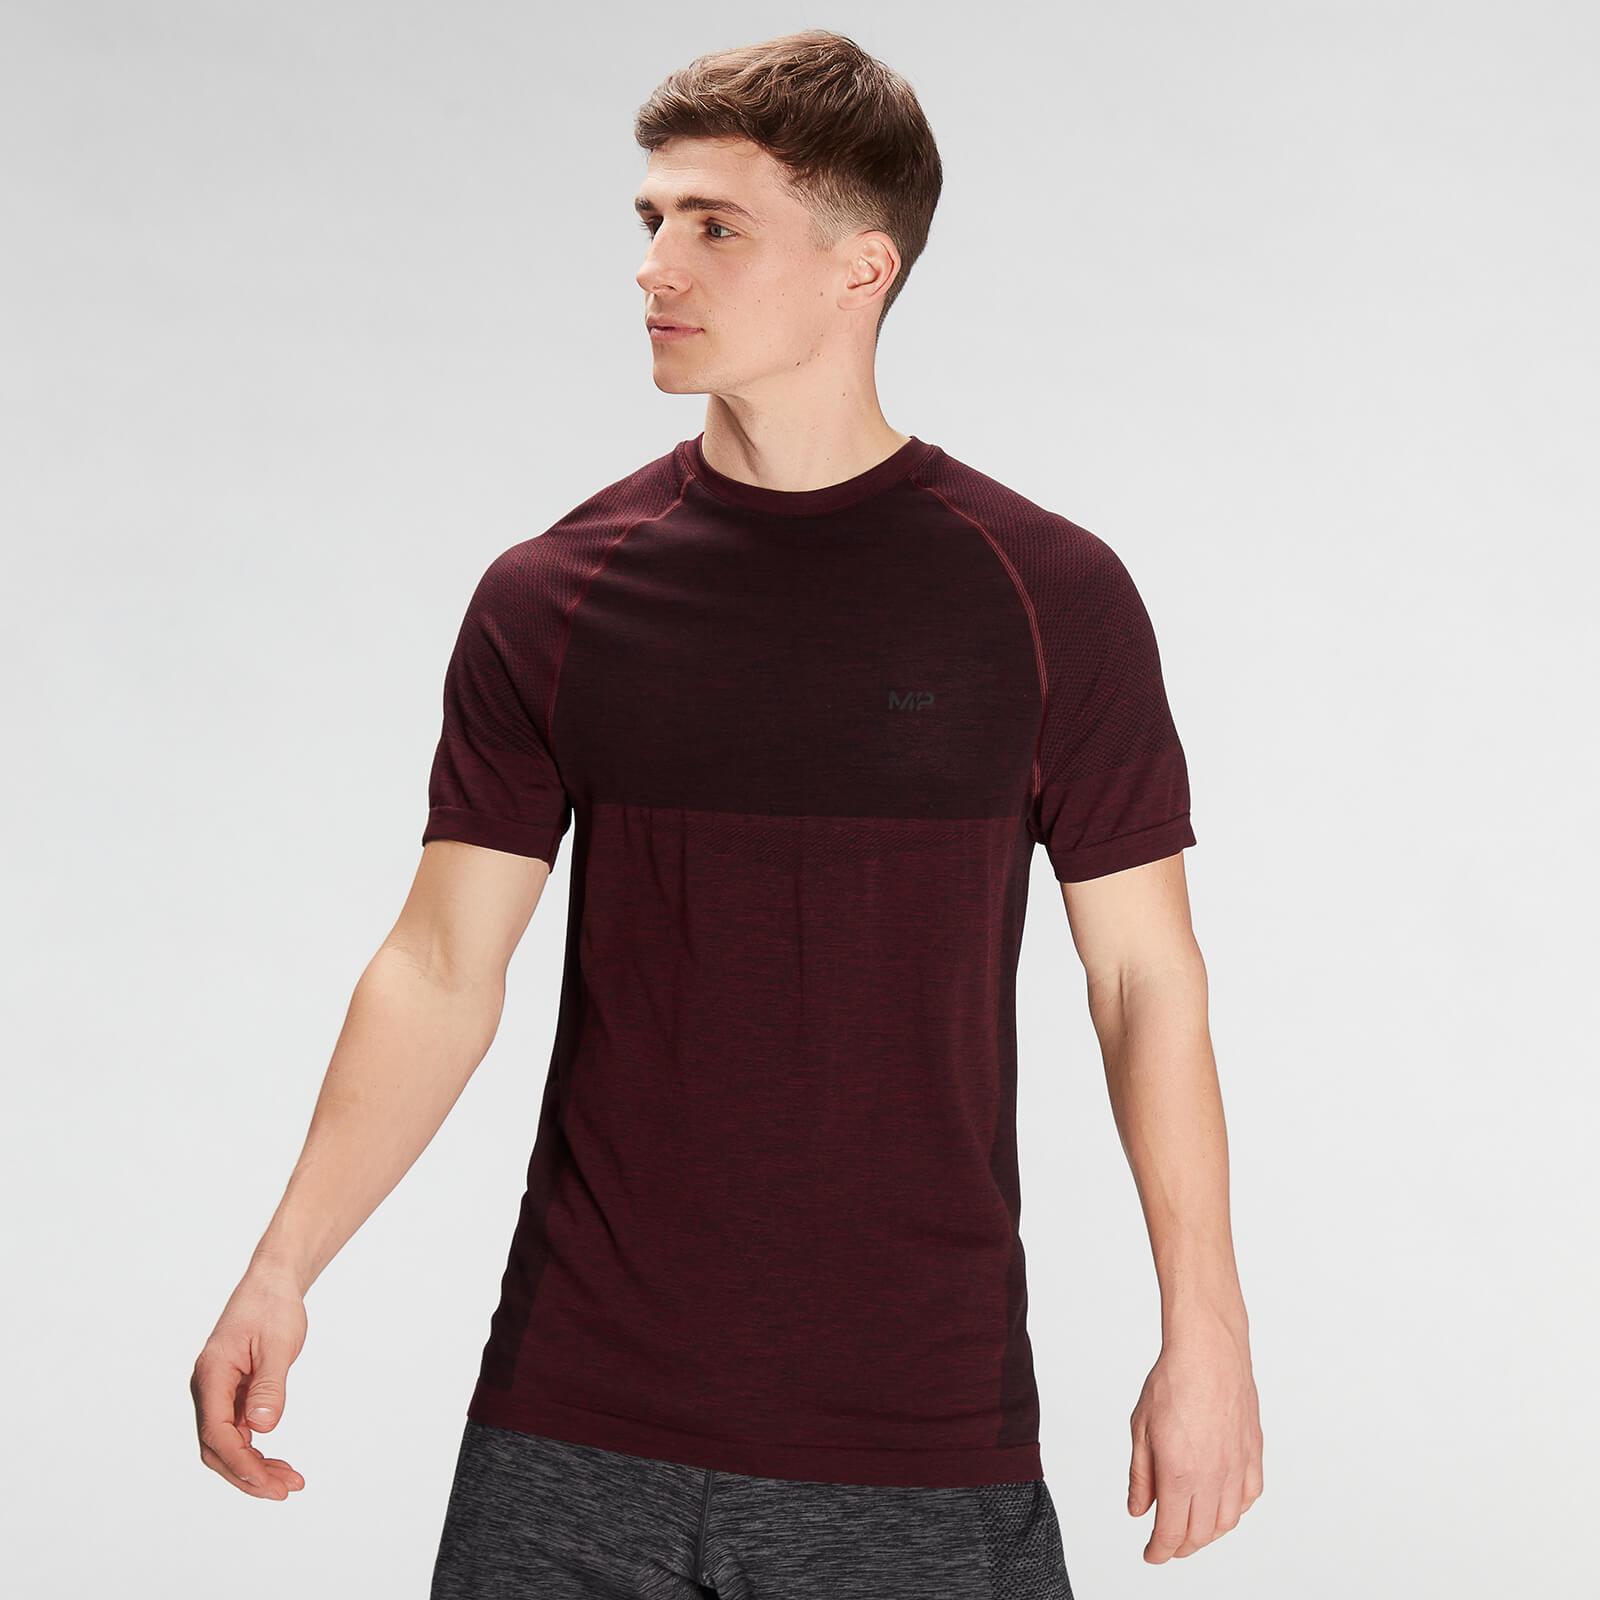 Купить MP Men's Essential Seamless Short Sleeve T-Shirt- Washed Oxblood Marl - XXL, Myprotein International